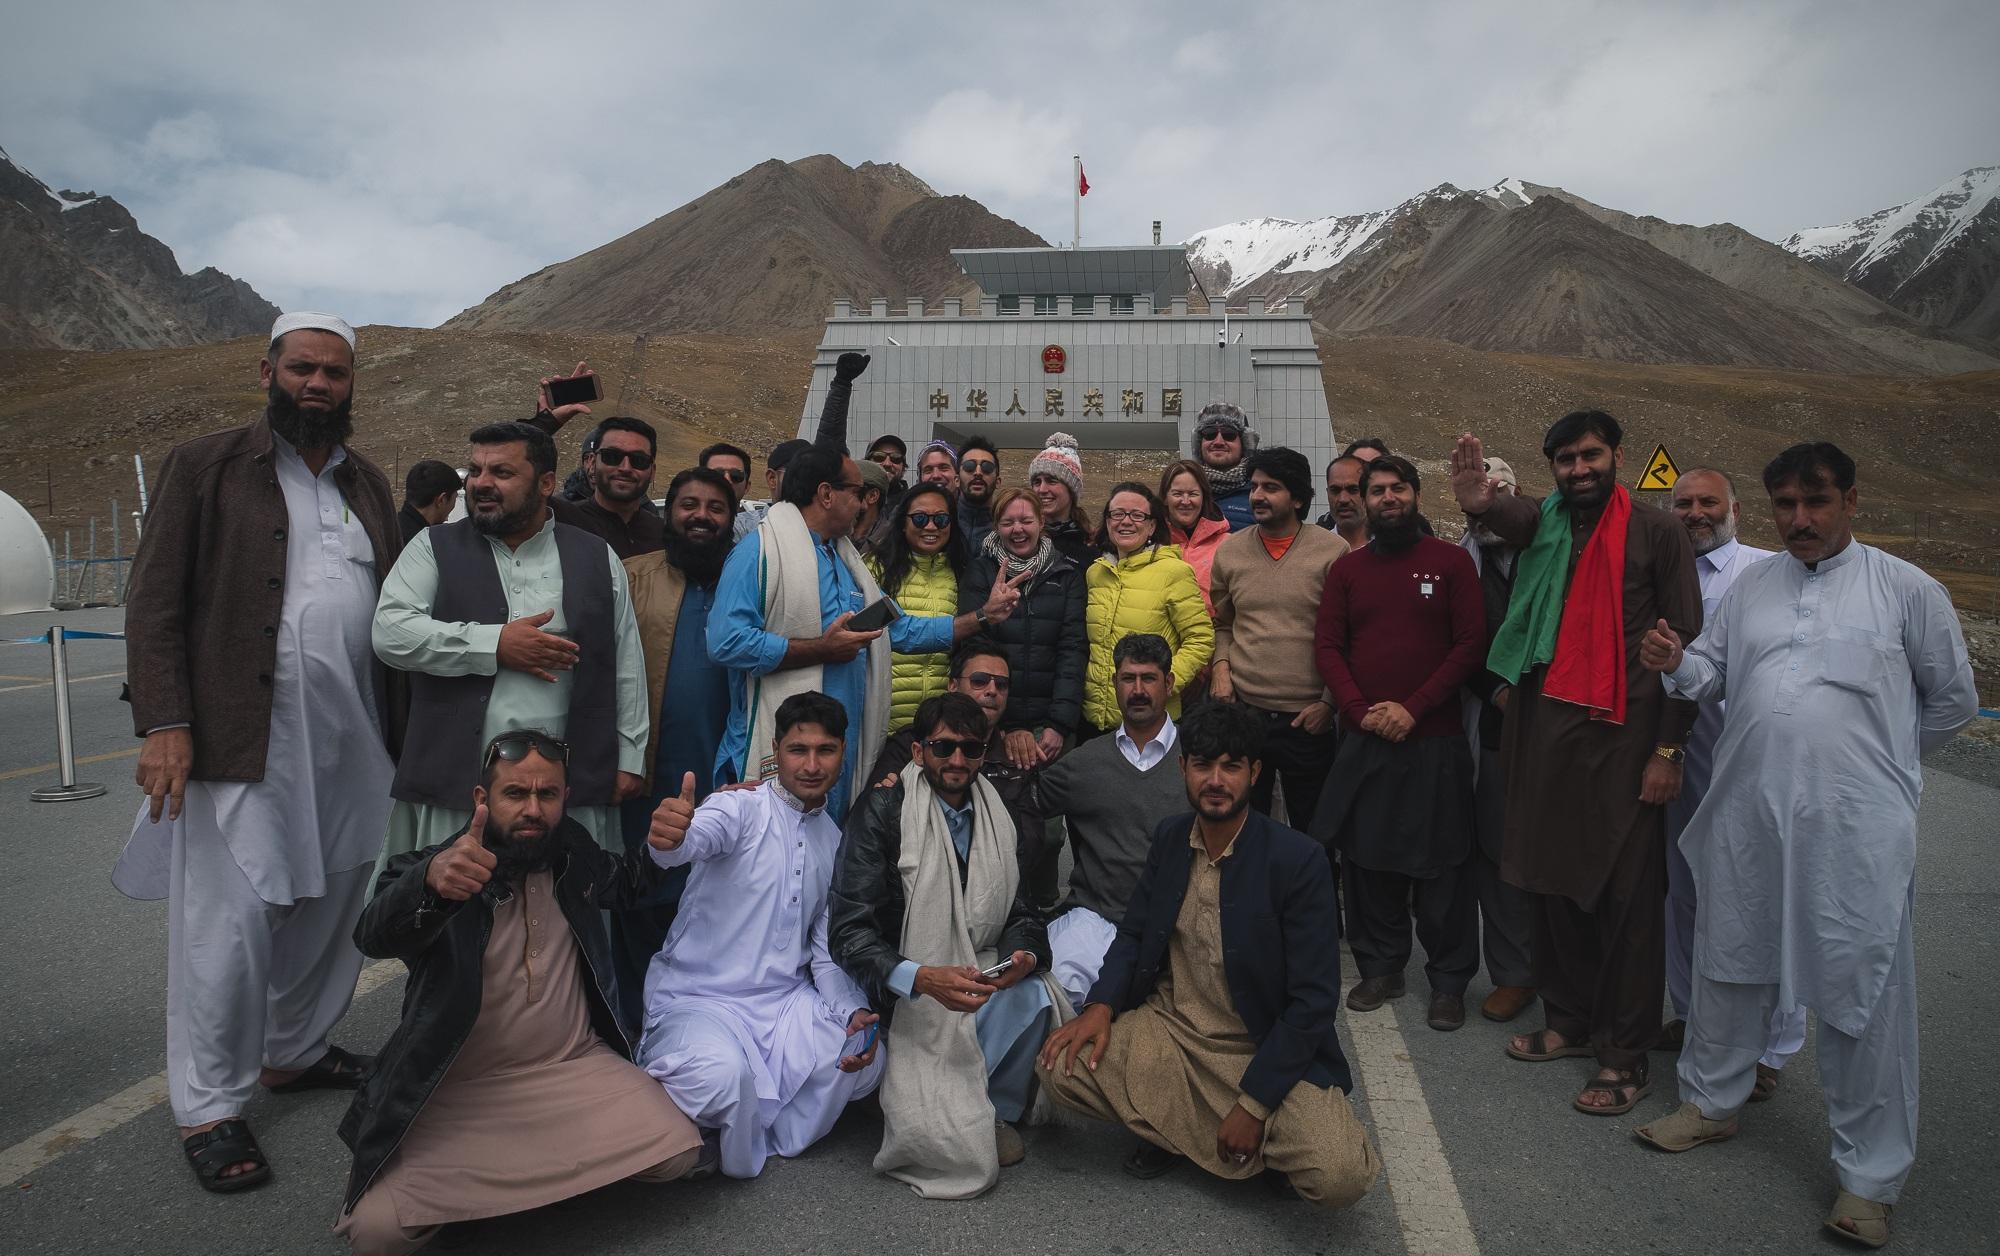 khunjarab pass group photo travel in pakistan